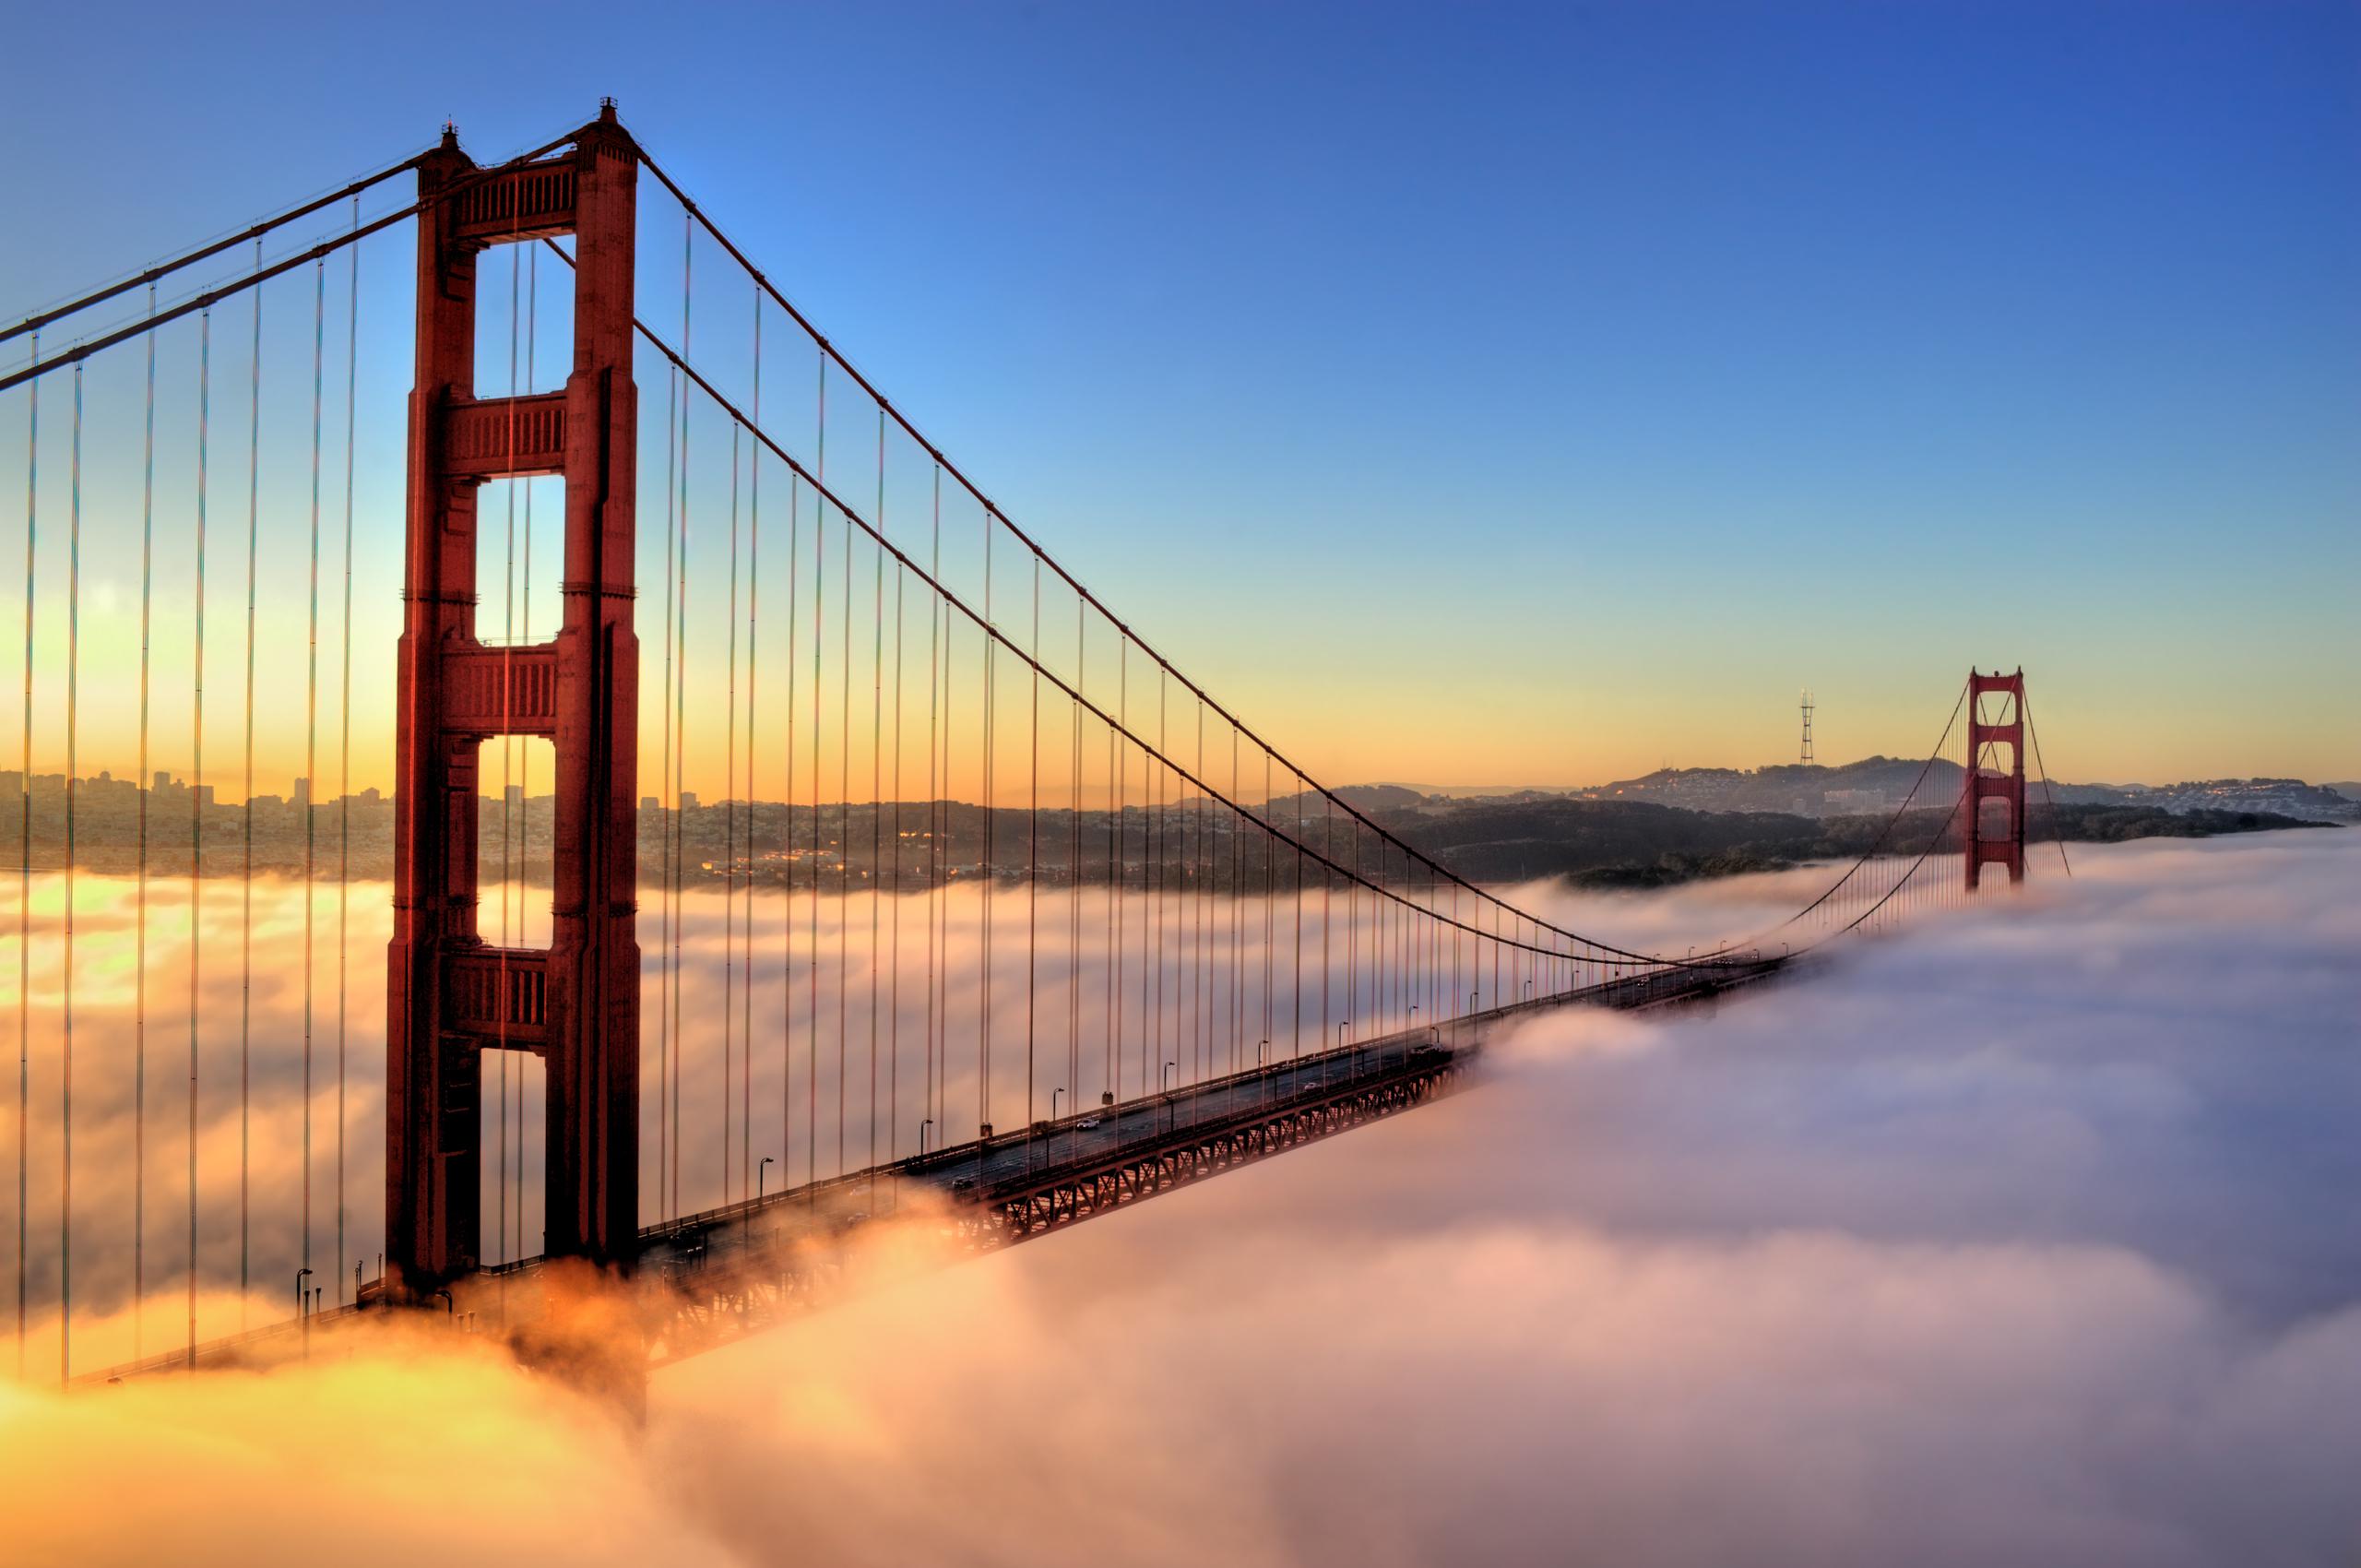 Мост над дорогой  № 2225371 бесплатно